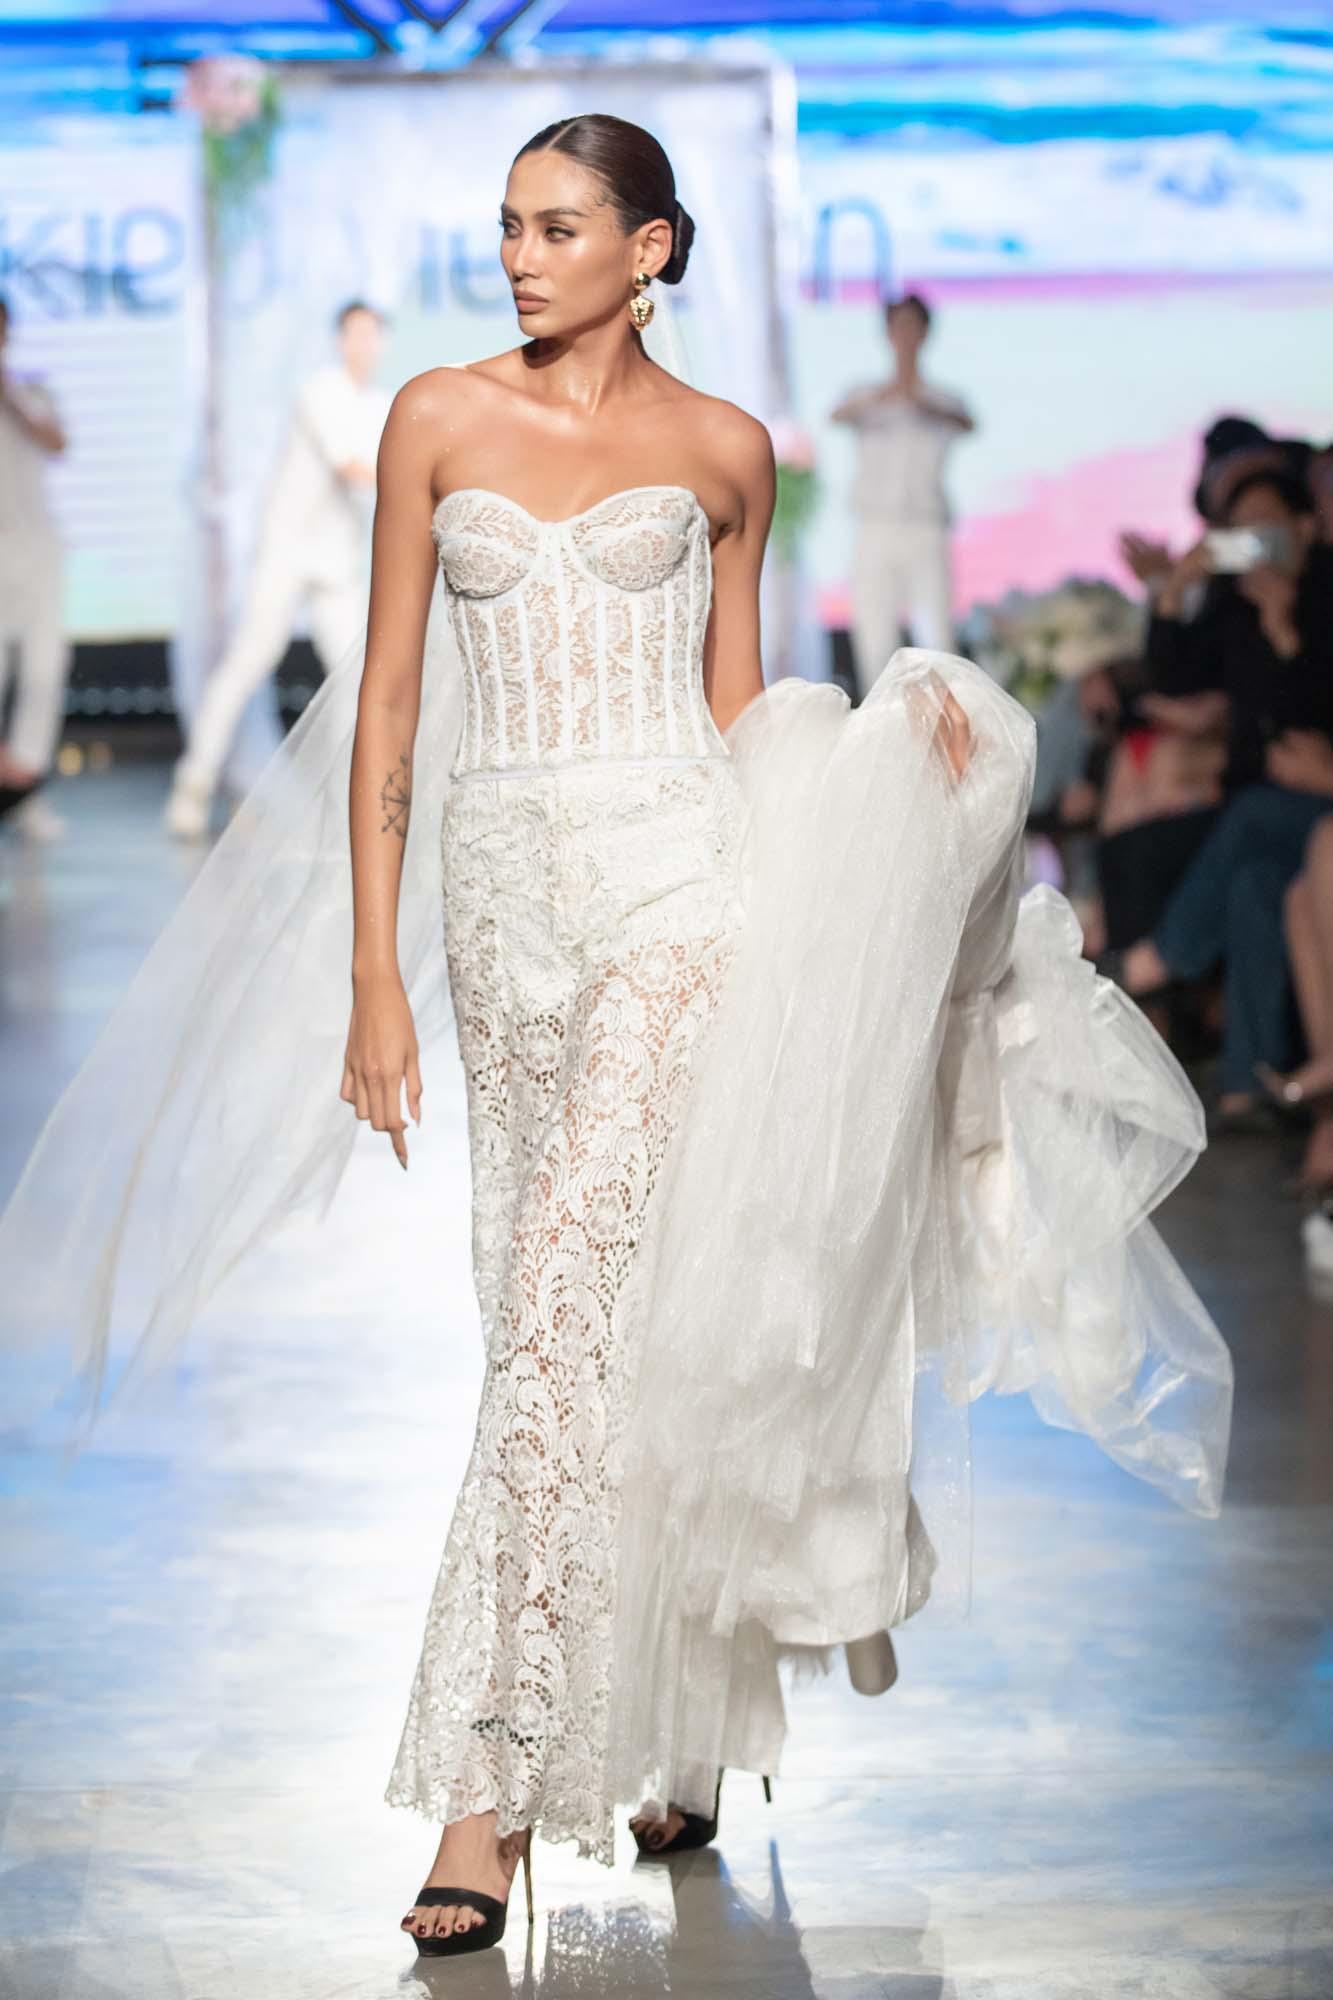 Mix & Phối - Mẫu nhí Bảo Hà catwalk với trăn khổng lồ, Á hậu Thúy Vân diện crop top khoe vòng eo sau sinh 2 tháng tại Fashion Festival 2020 - chanvaydep.net 6